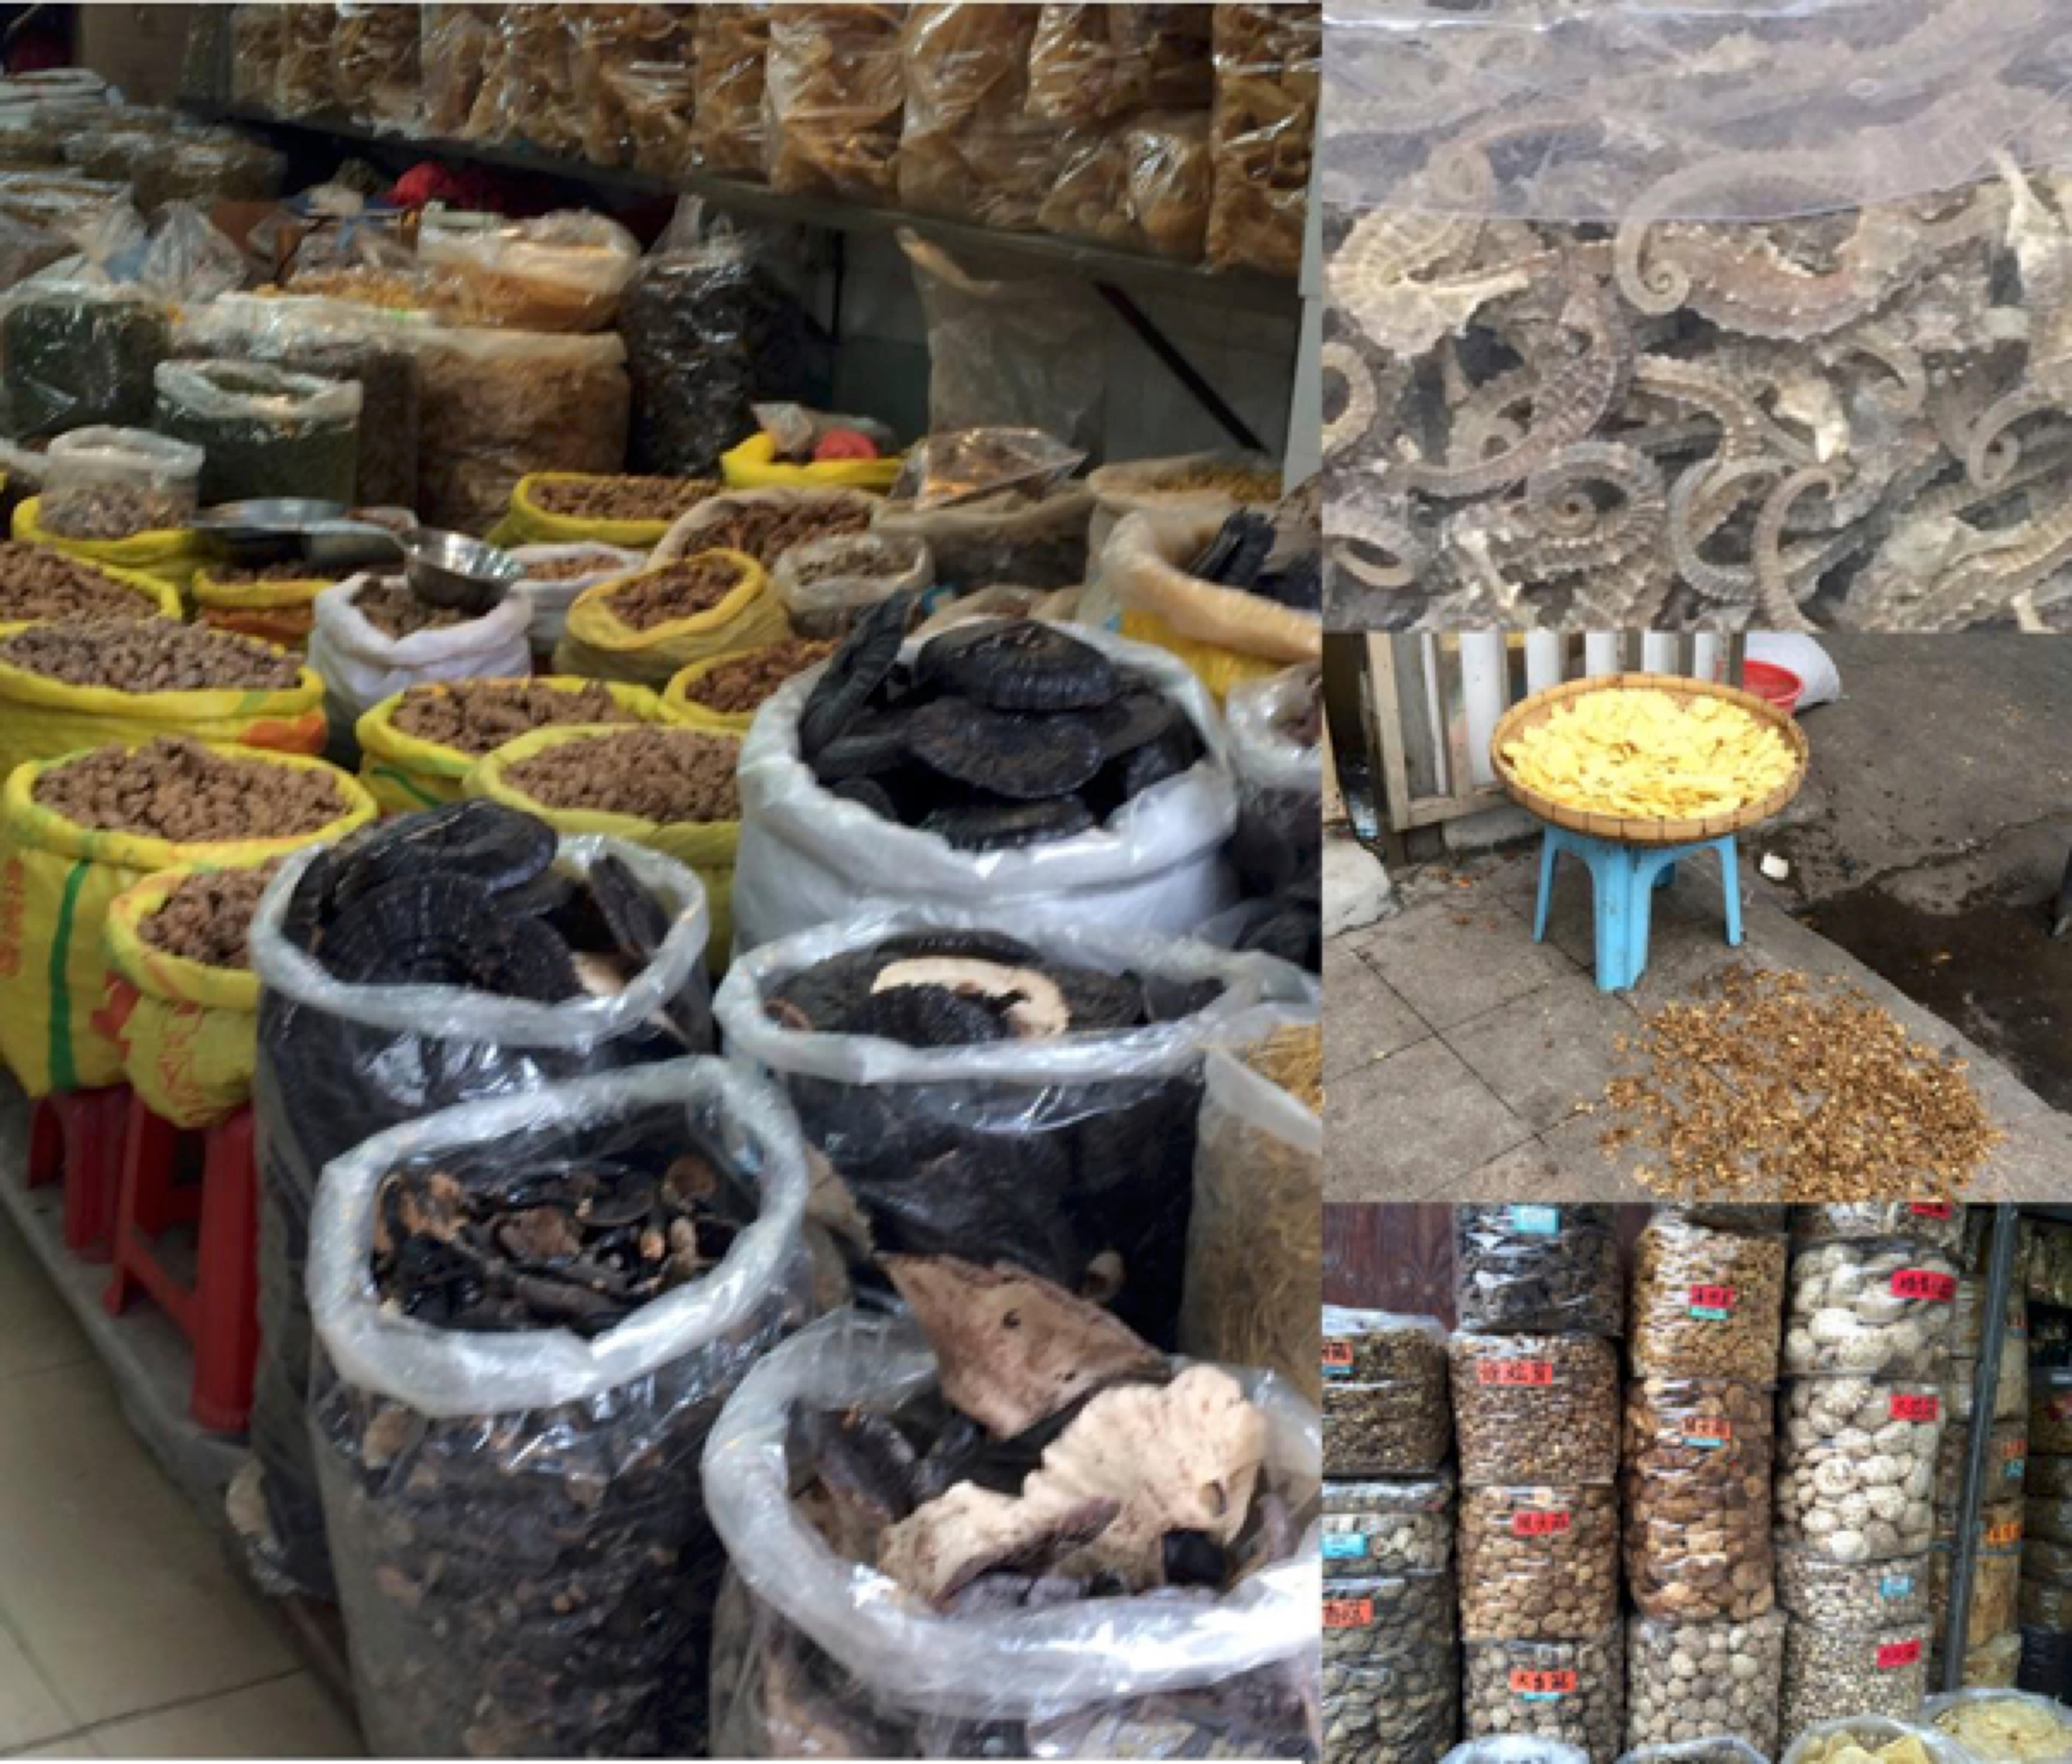 Outdoor Market in Guangzhou, China